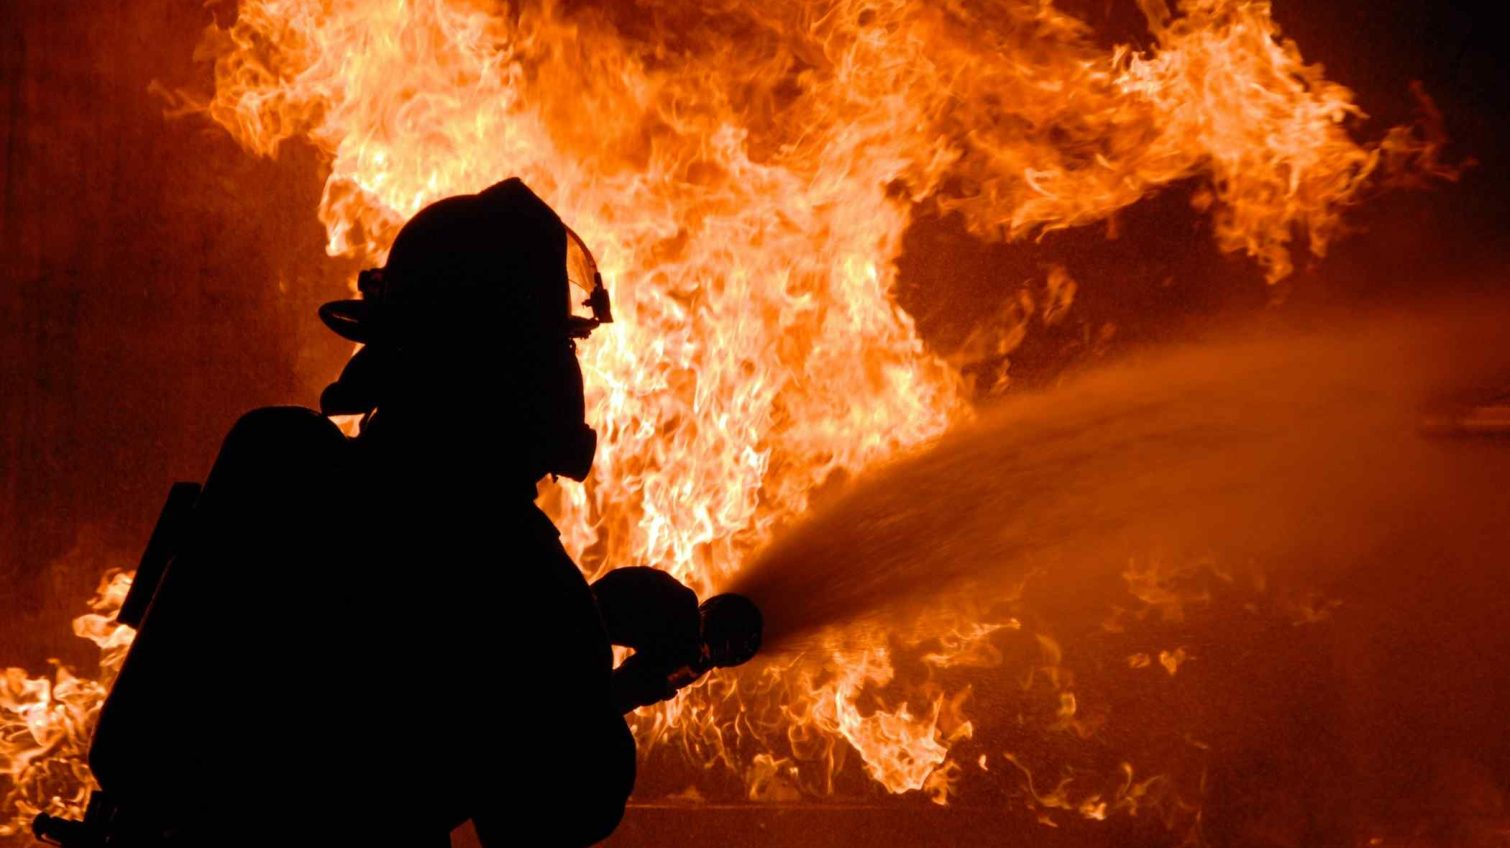 В Балте горел жилой дом: погиб молодой мужчина «фото»